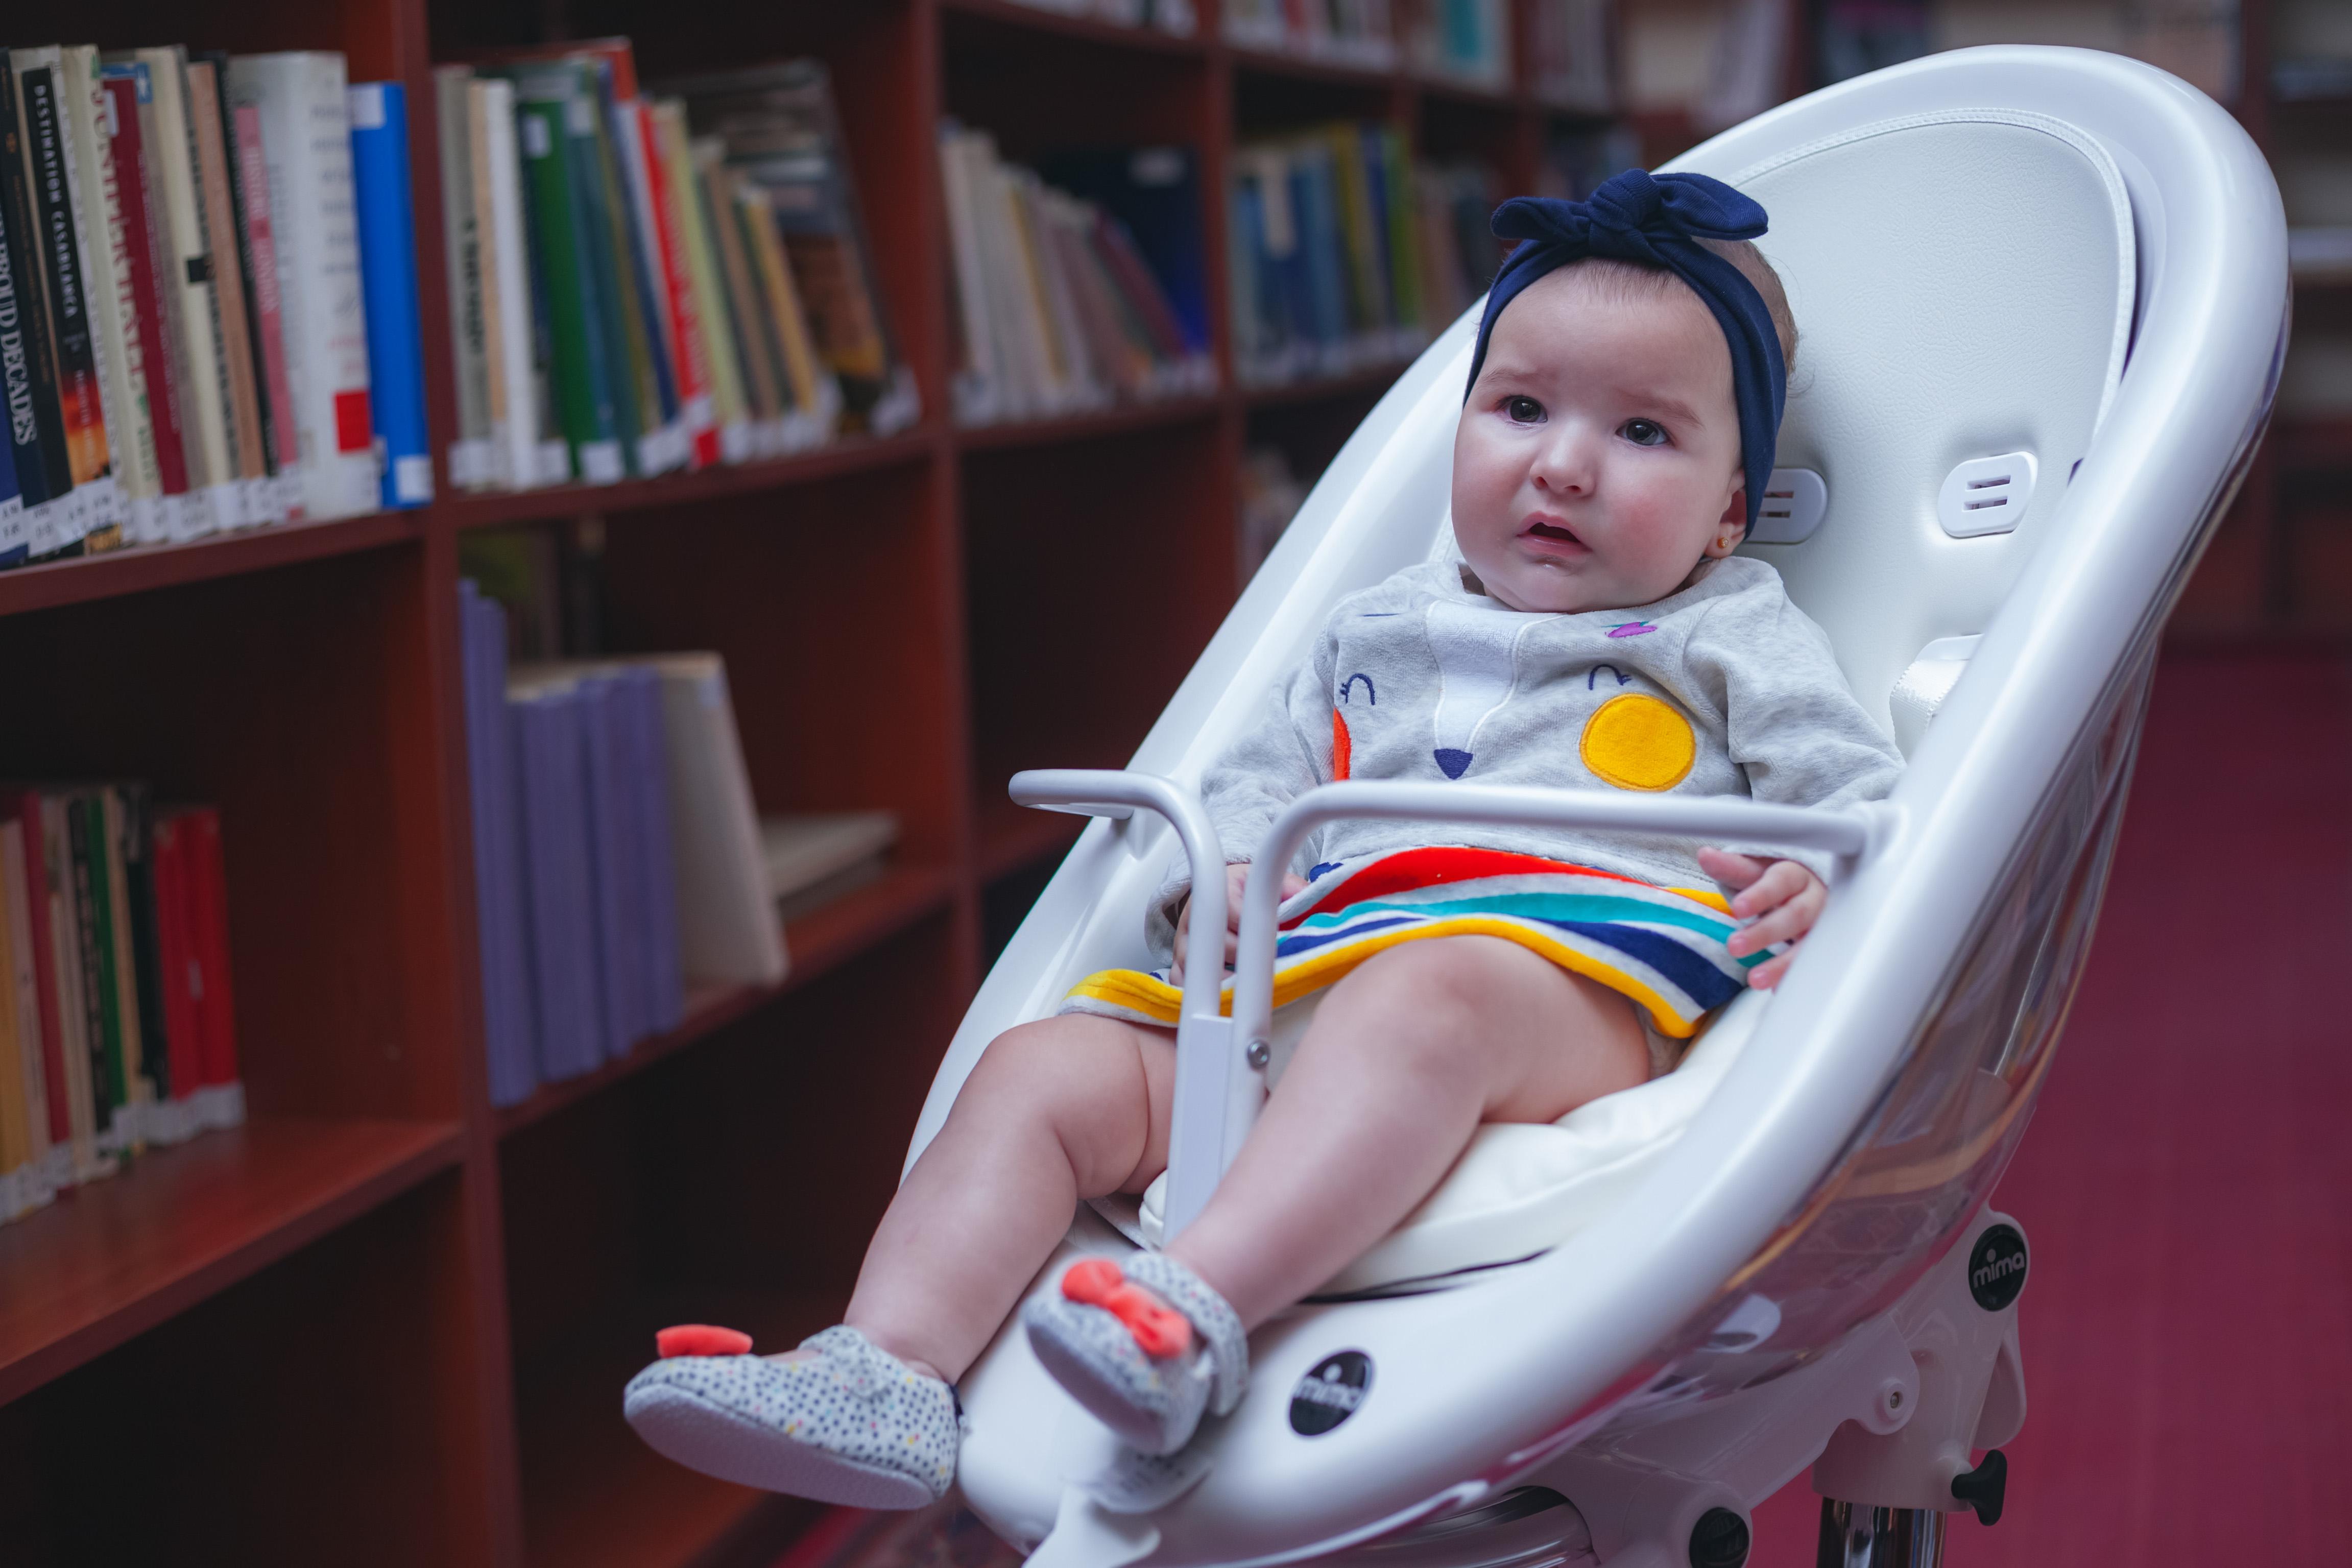 ნუკი კოშკელიშვილის შვილი და სხვა პატარა მოდელები. ჩვილების უსაყვარლესი ფოტოები ბრენდისგან MIMA